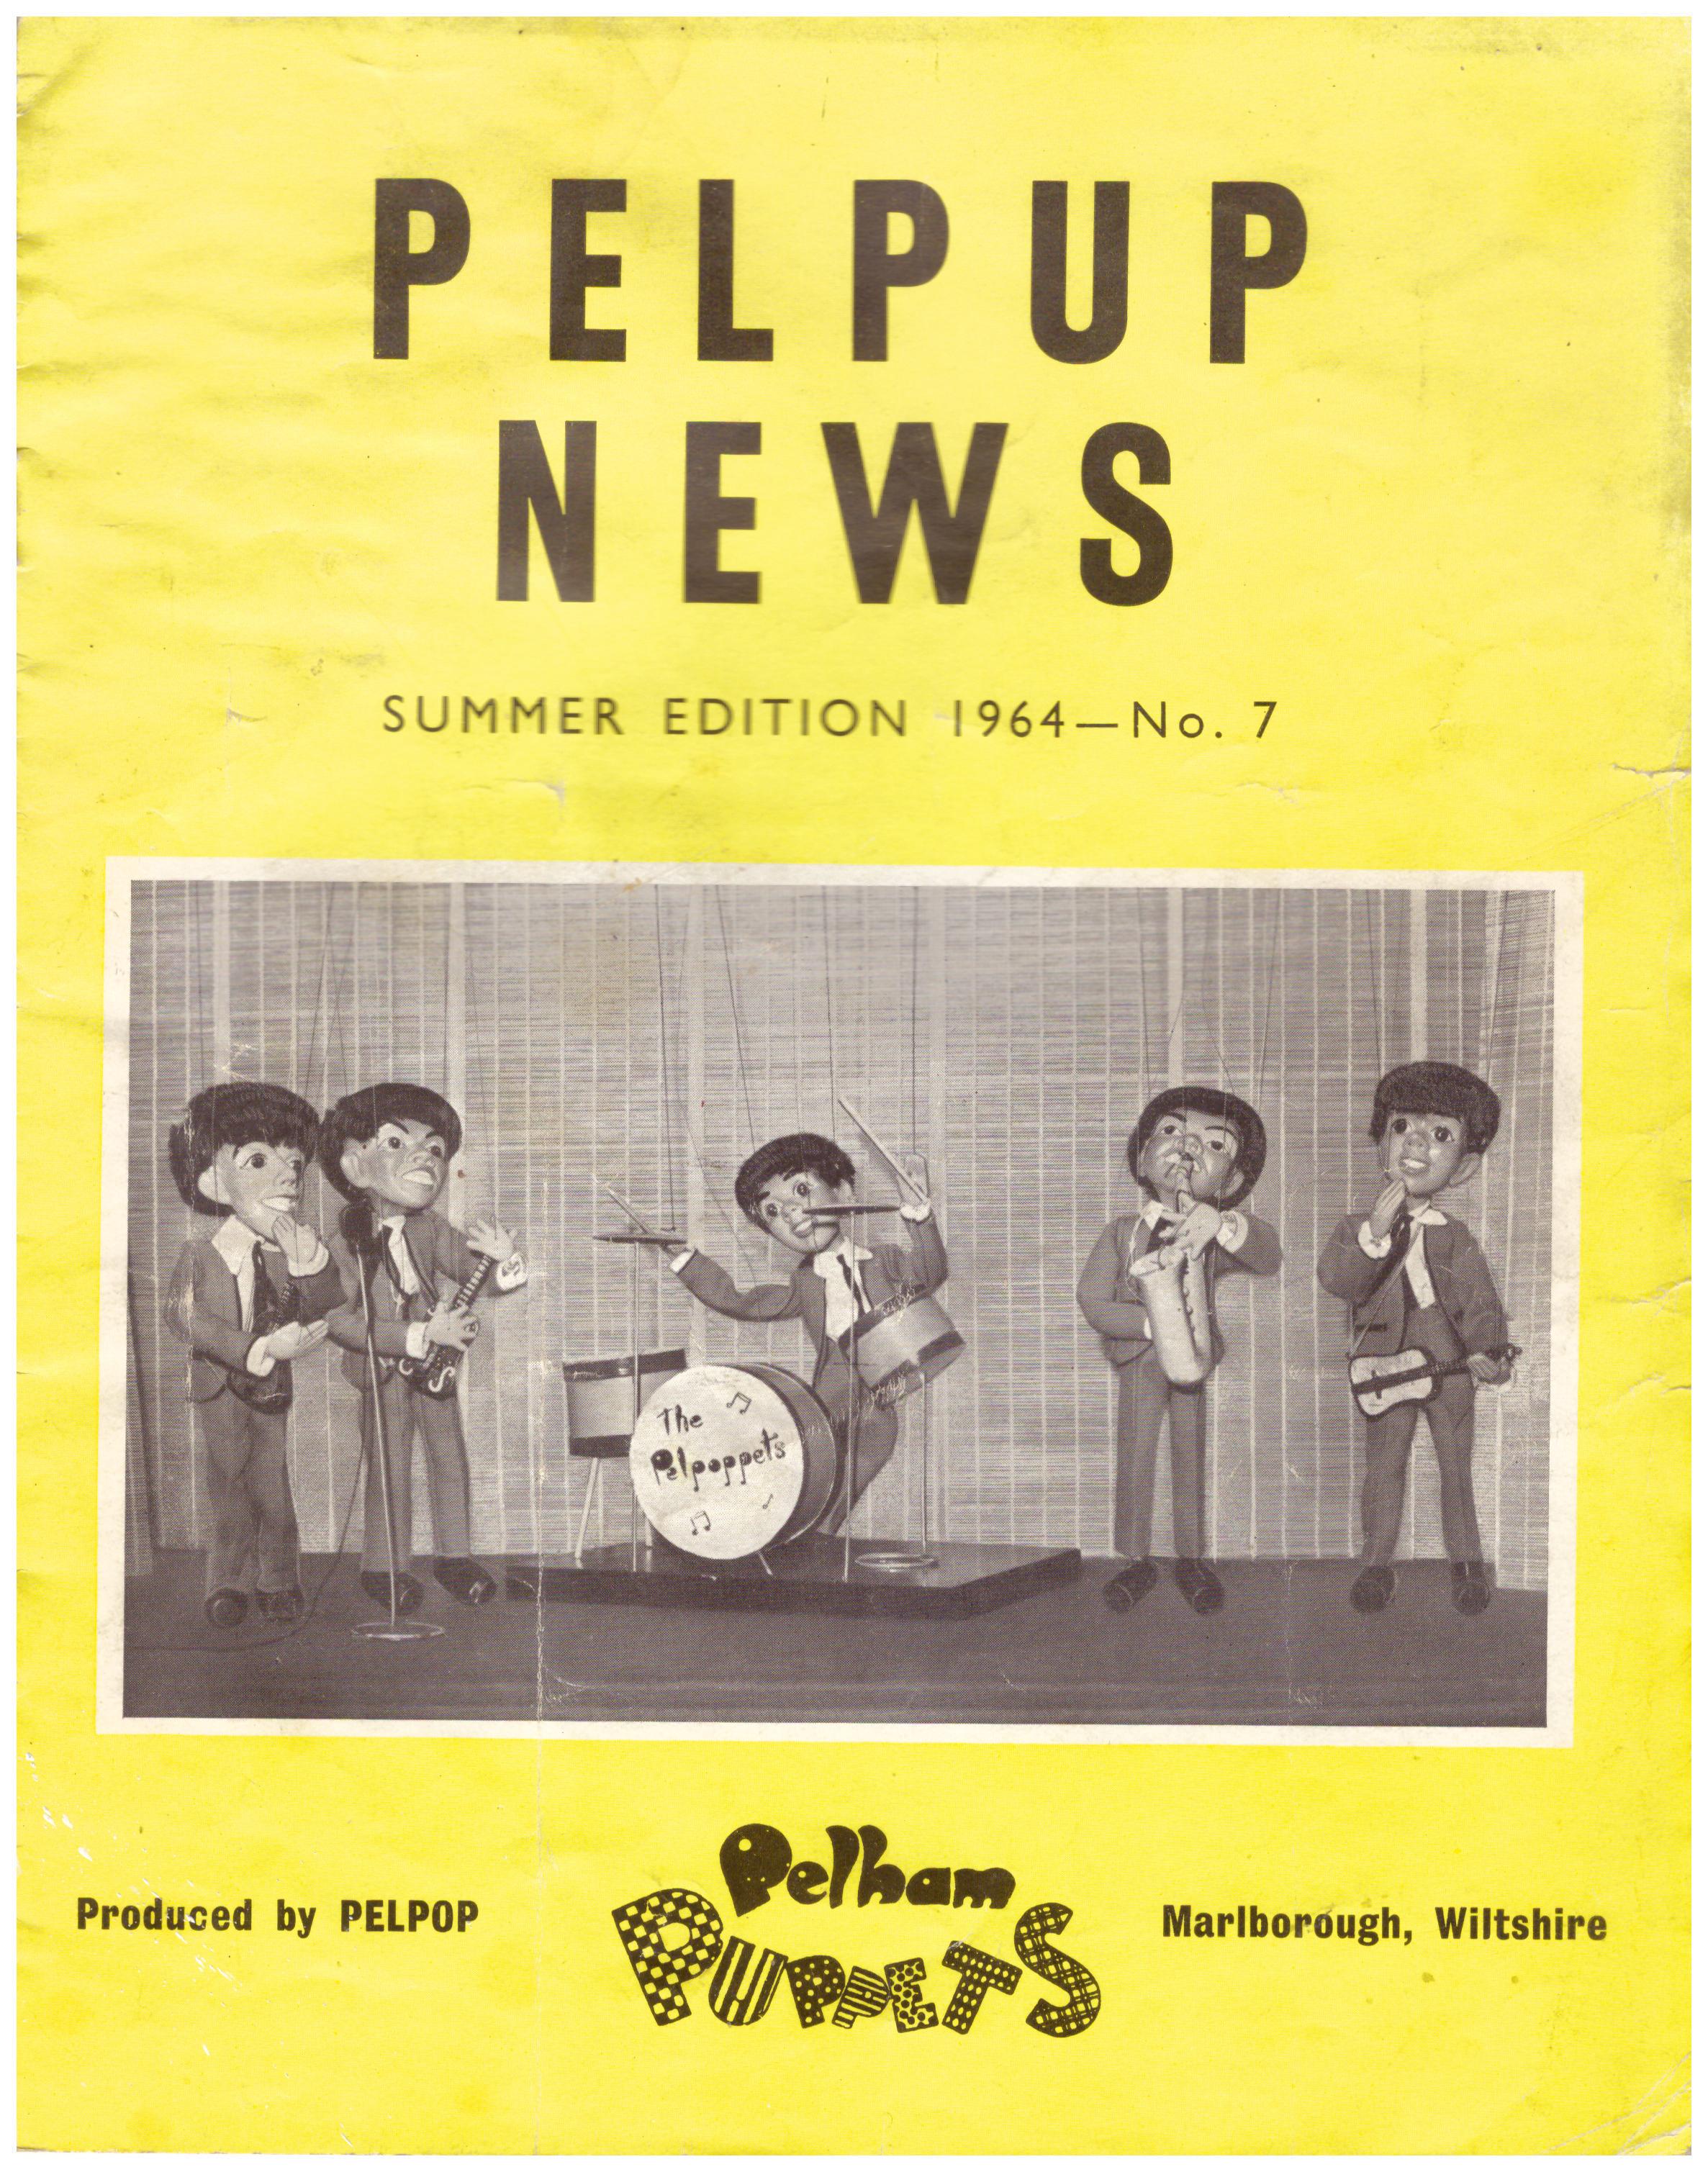 Summer Edition 1964 - No 7